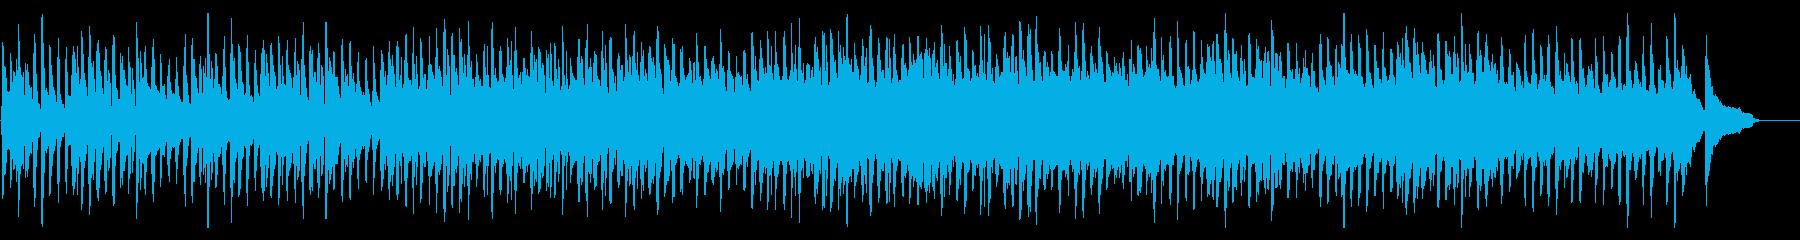 幻想的な森のようなファンタジーワルツの再生済みの波形